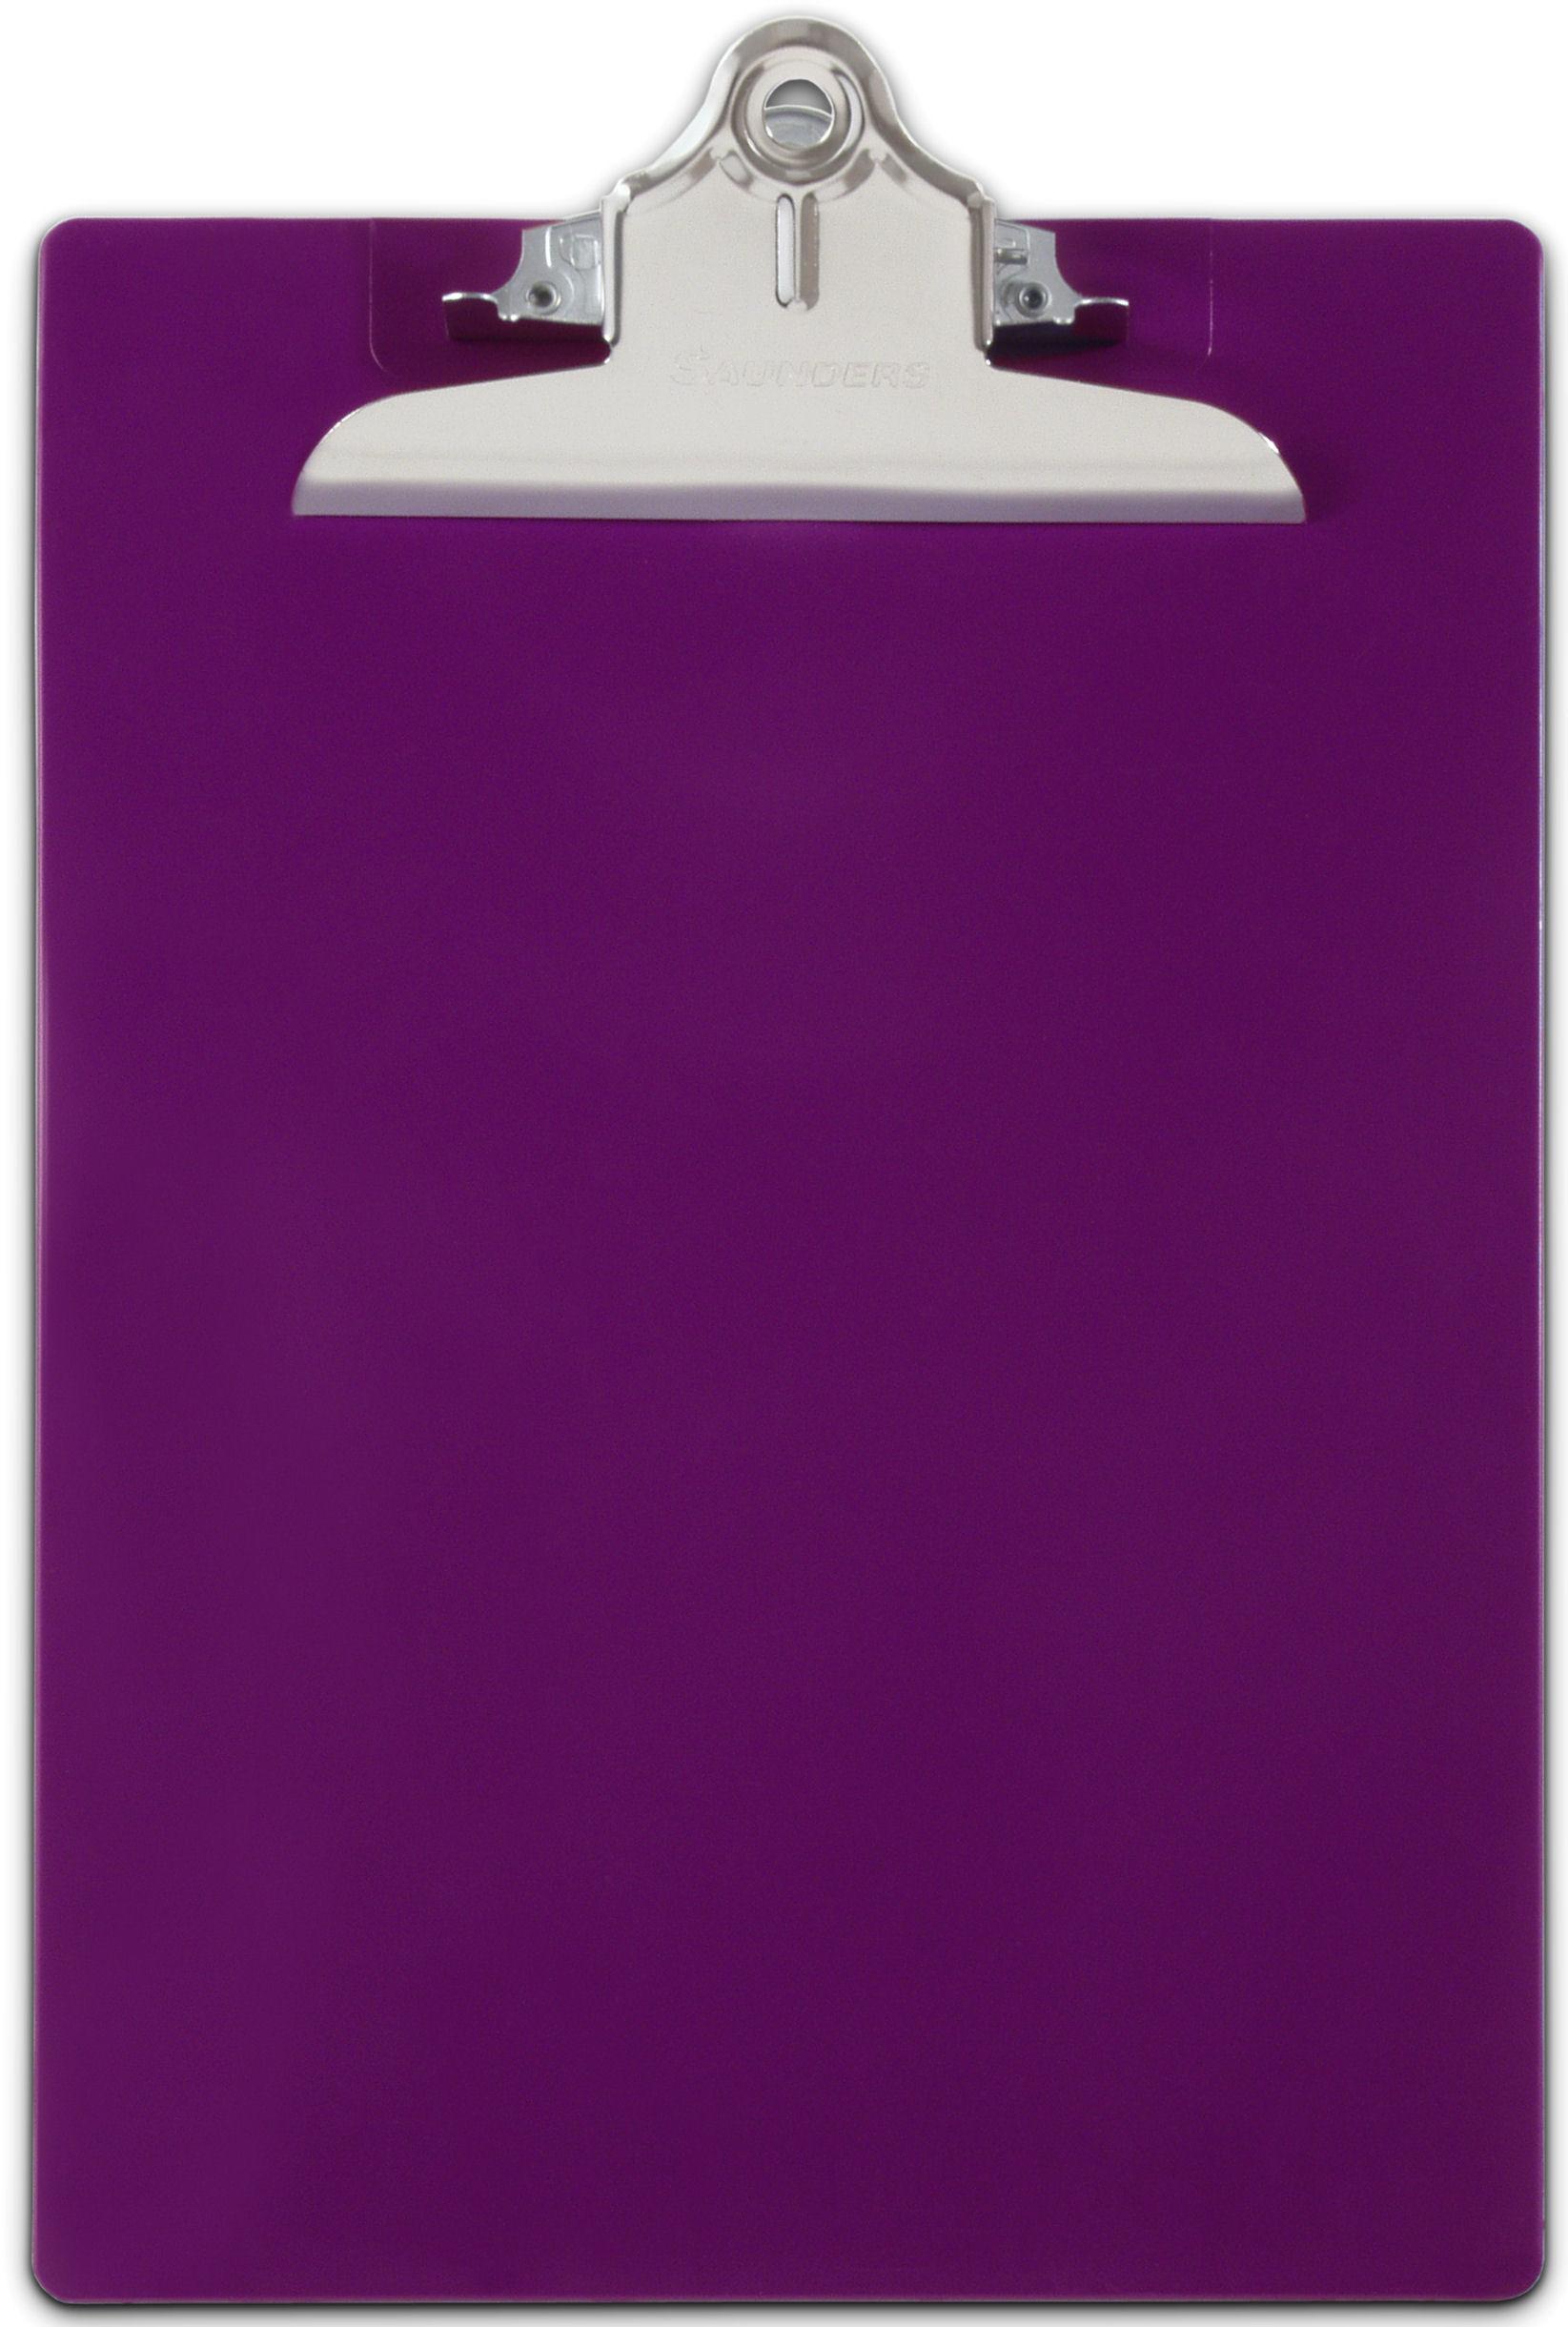 Free cliparts download clip. Clipboard clipart purple